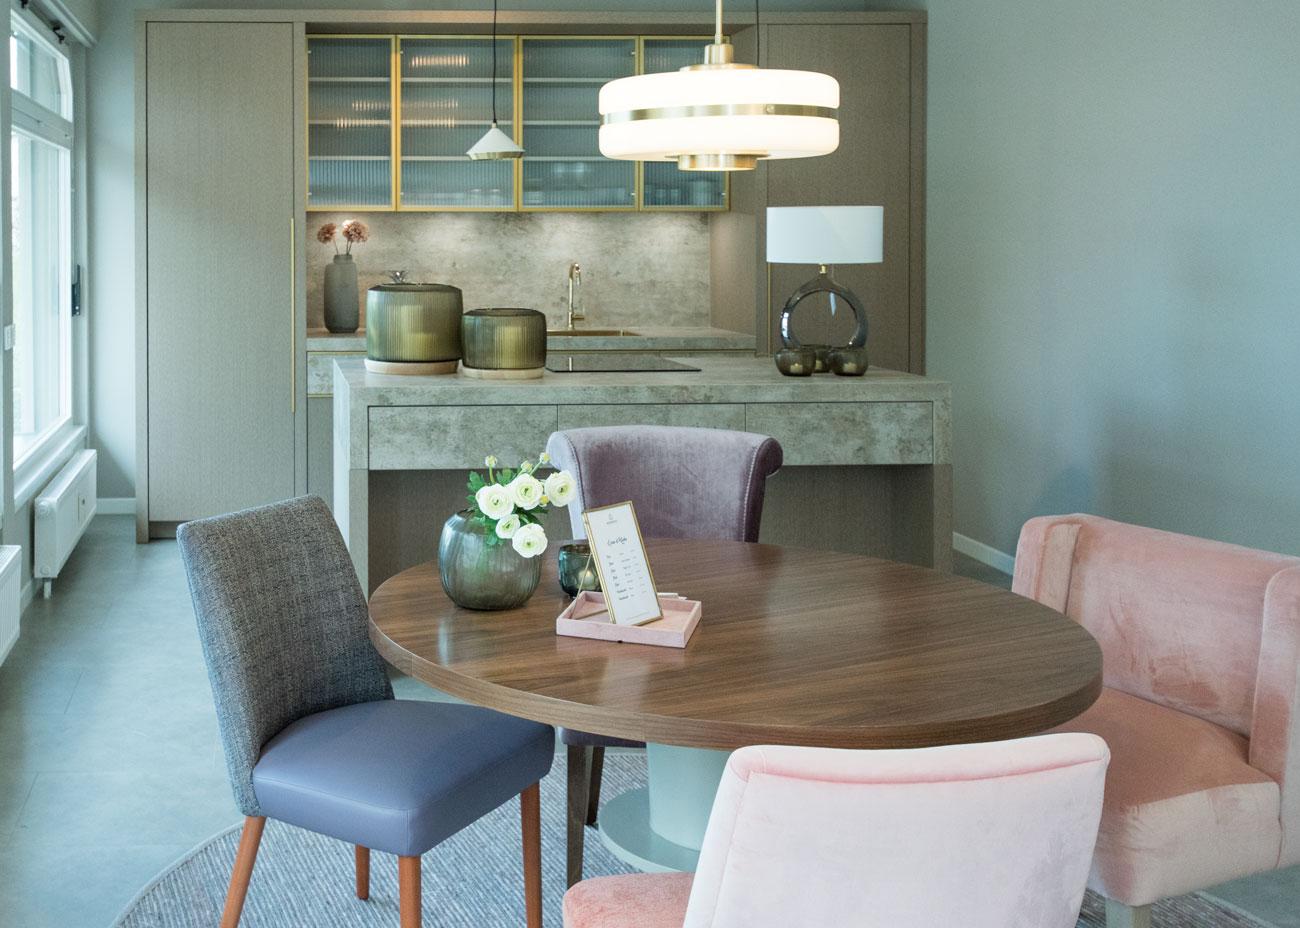 Ausstellungskonzept essbereich küche keramikplatte gold griffe tisch stühle